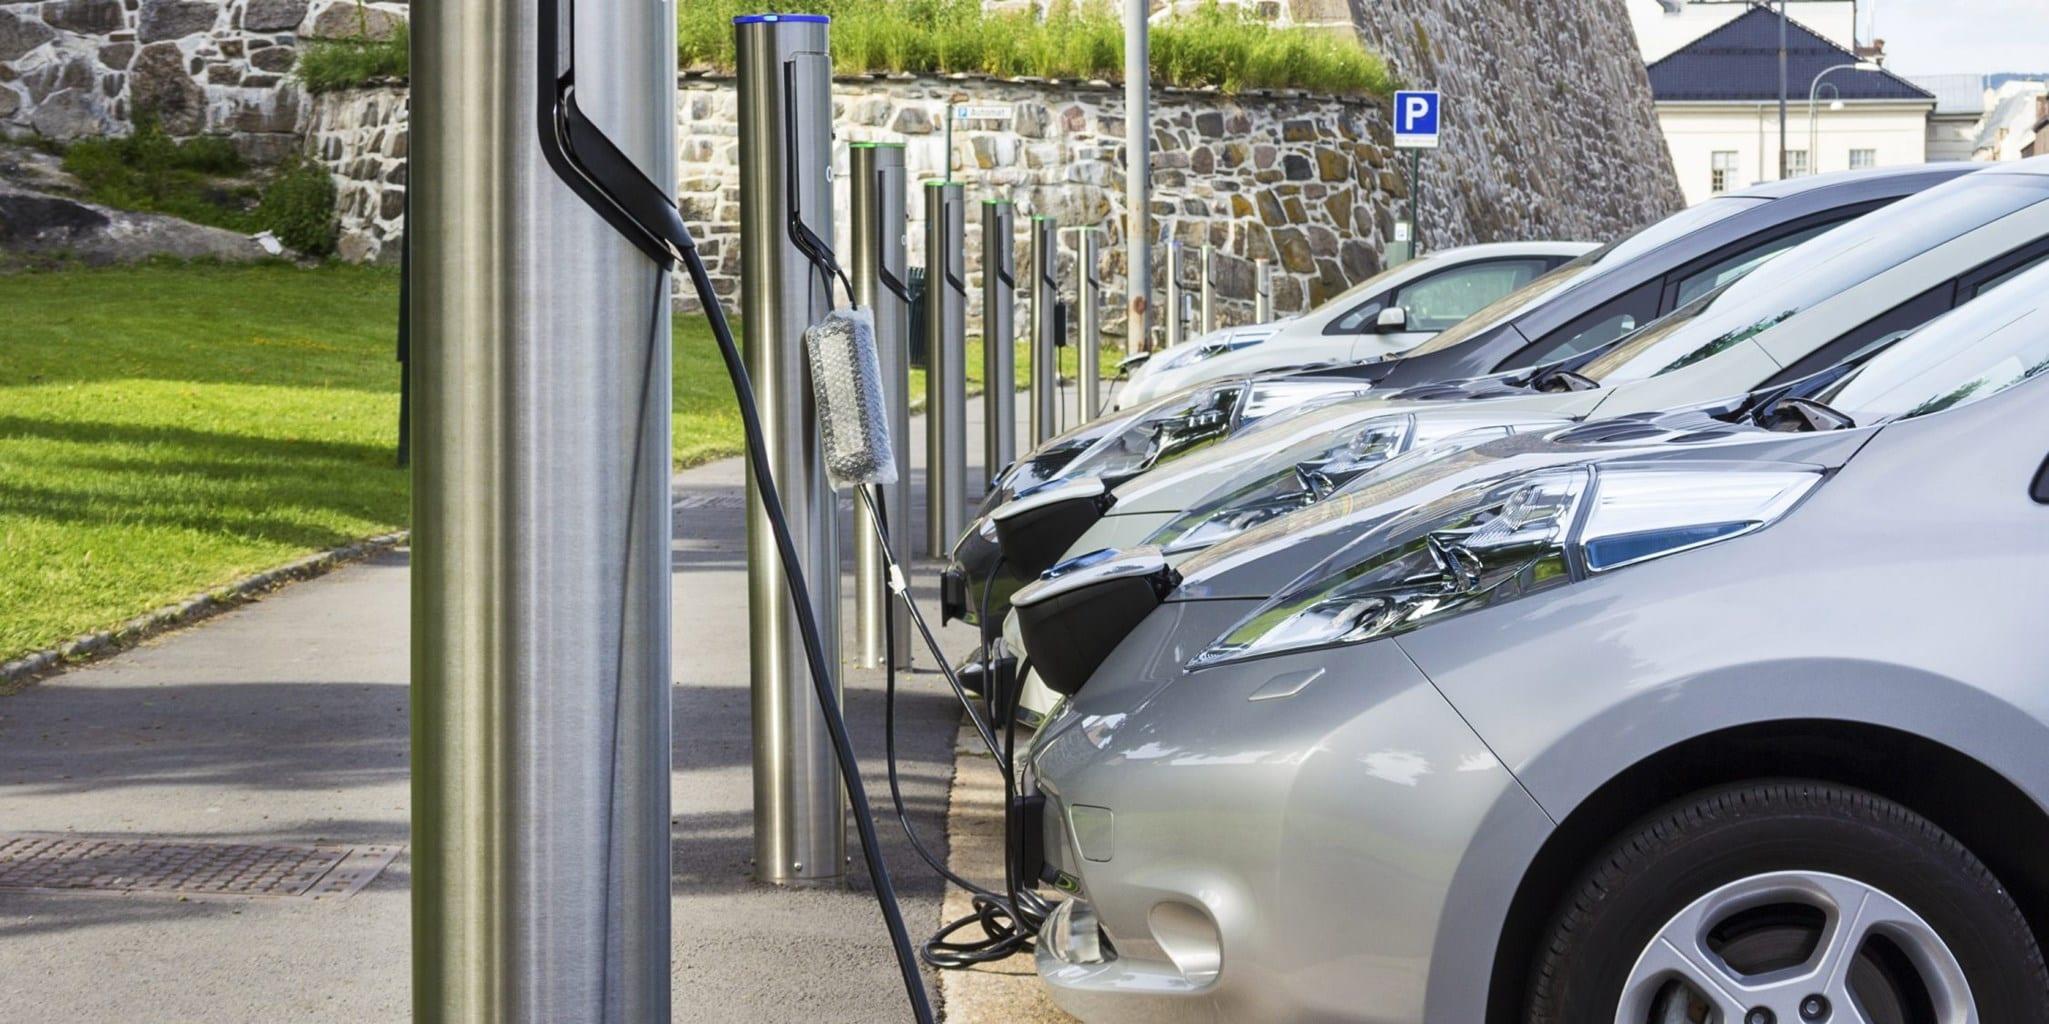 Auto elettriche, in Germania le colonnine di ricarica diventano obbligatorie in tutti i benzinai